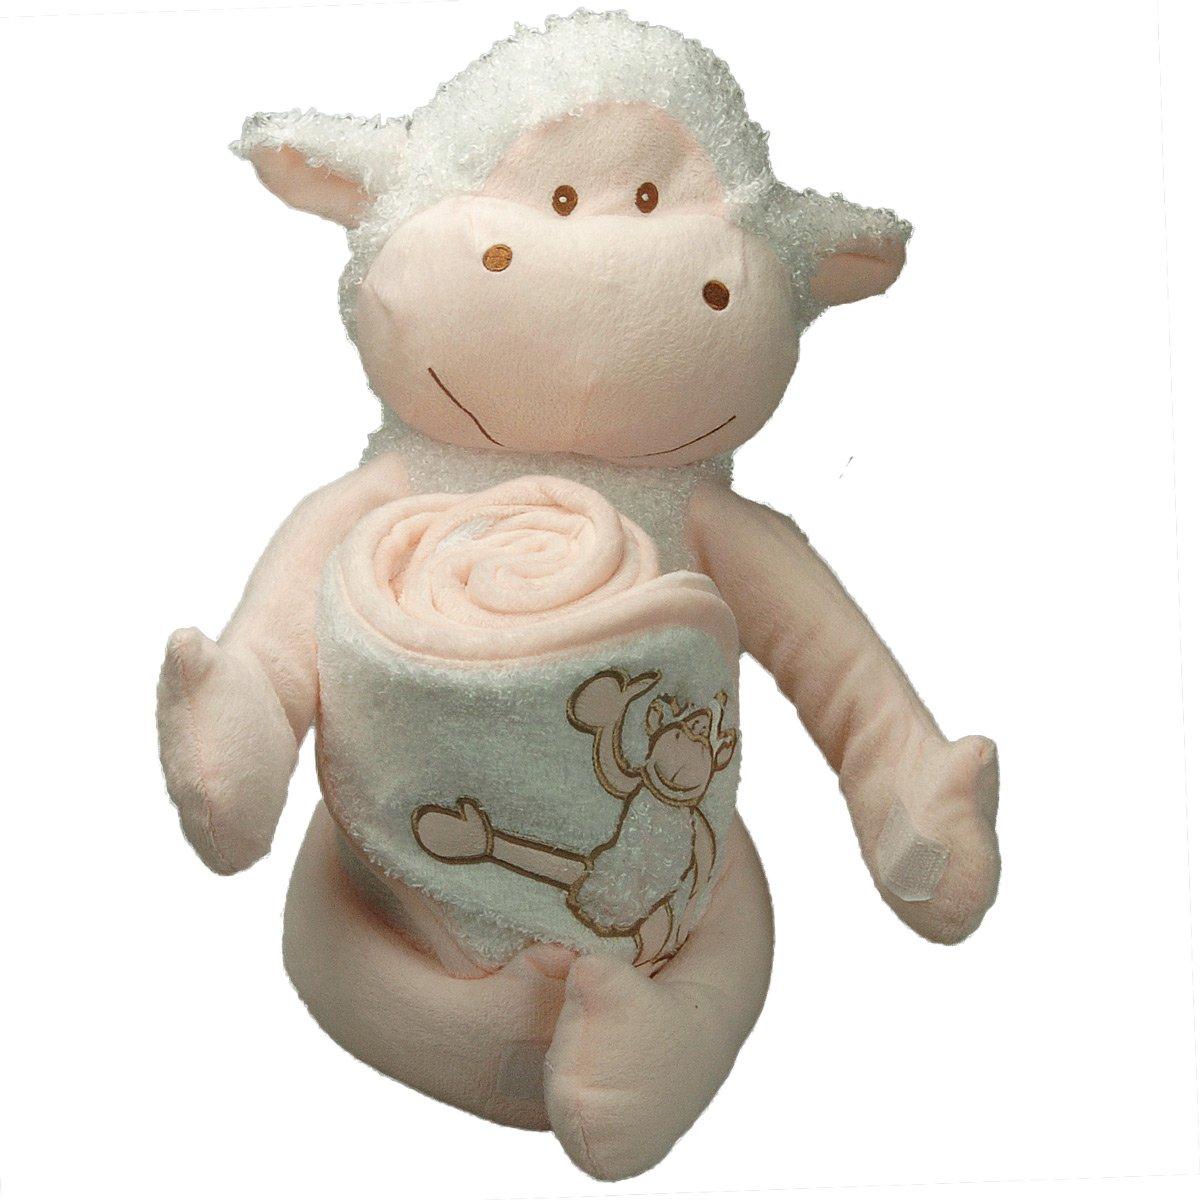 [PERSONNALISABLE] Doudou + Cape de bain bébé mouton personnalisée au prénom du bébé - [BRODERIE OFFERTE] dans toutes les langues Brodeway